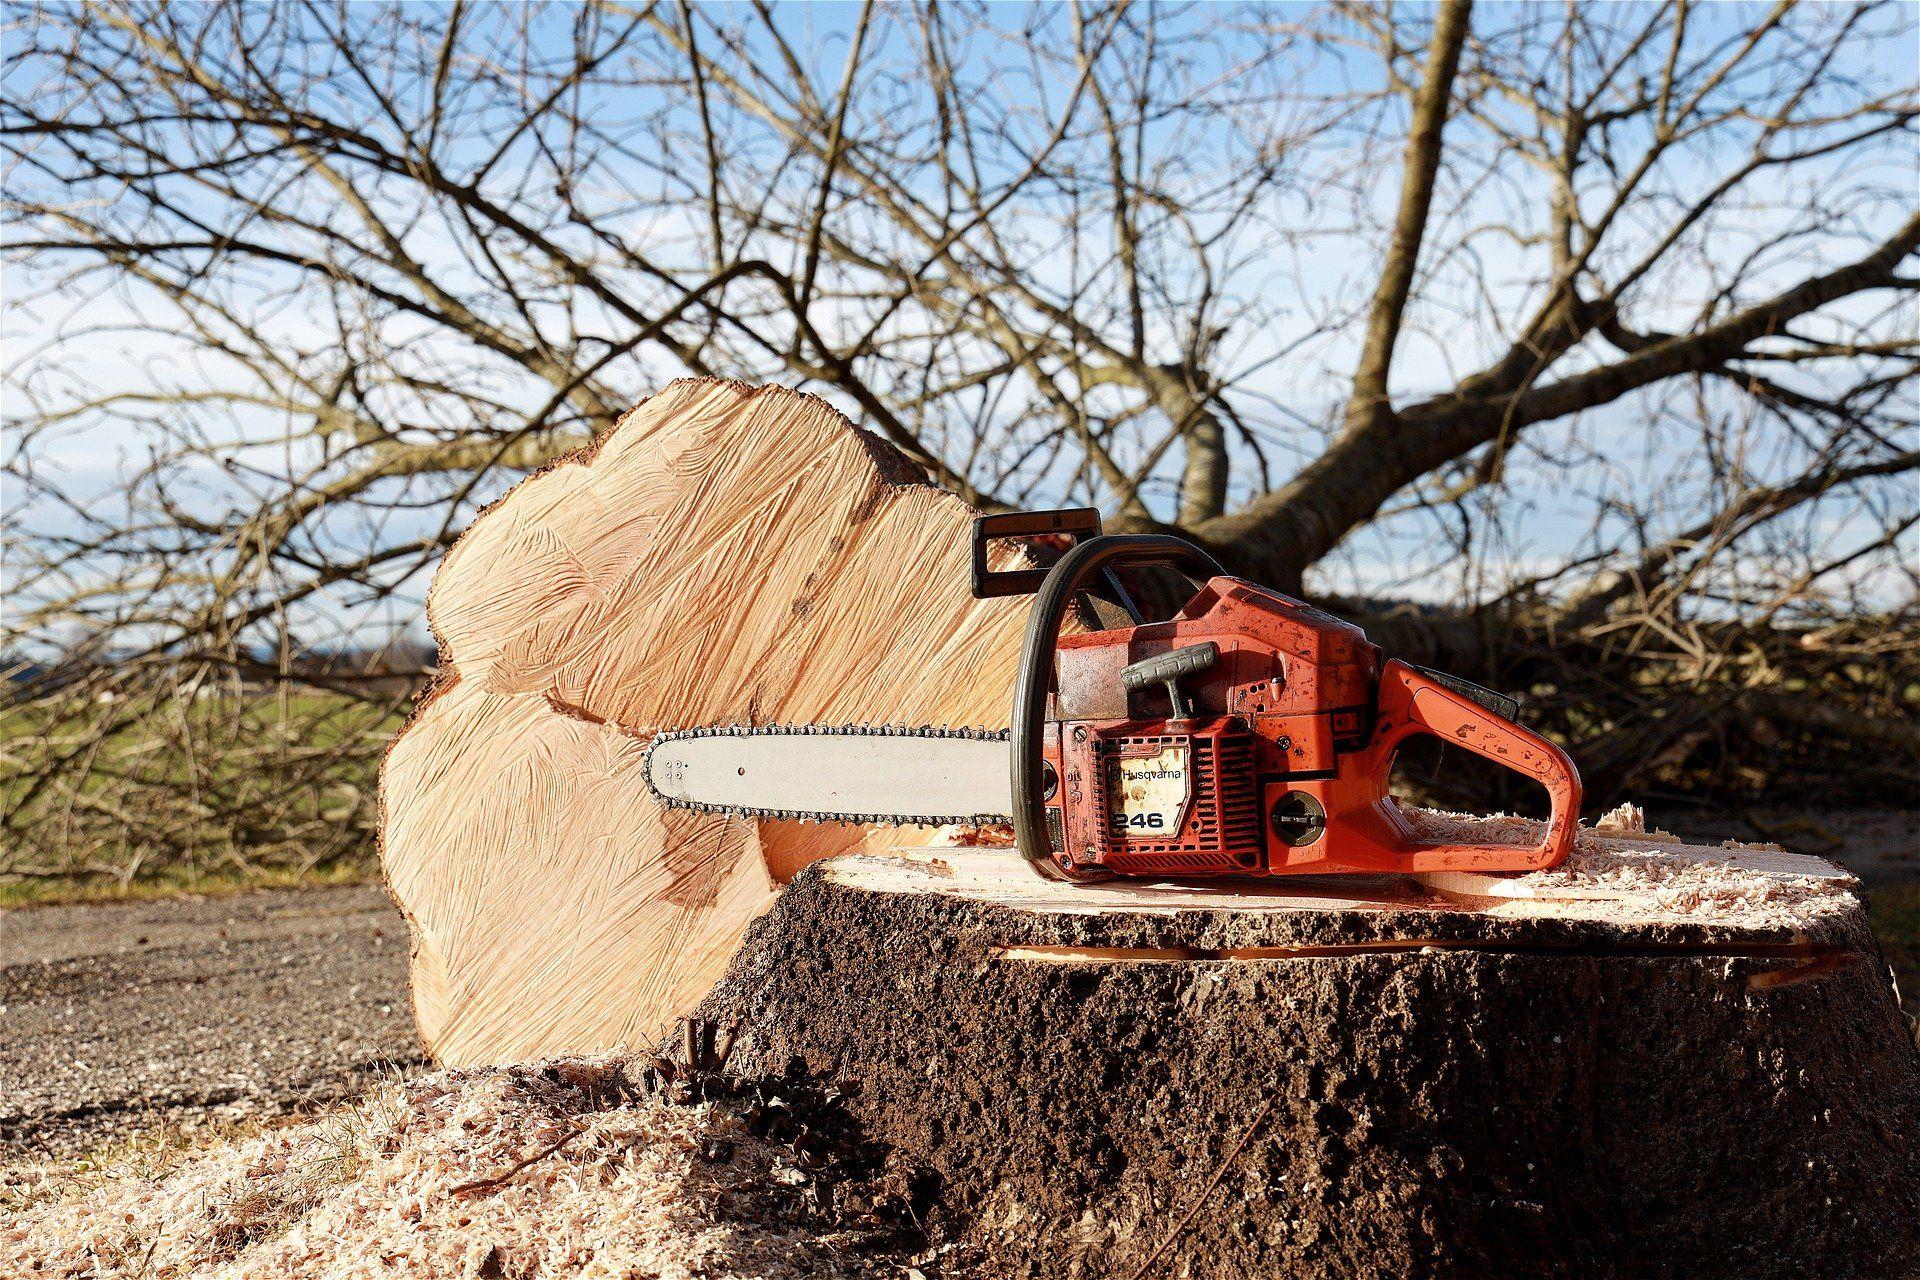 Grüne sehen sich gezwungen, Antrag zum Baumschutz zurückzuziehen